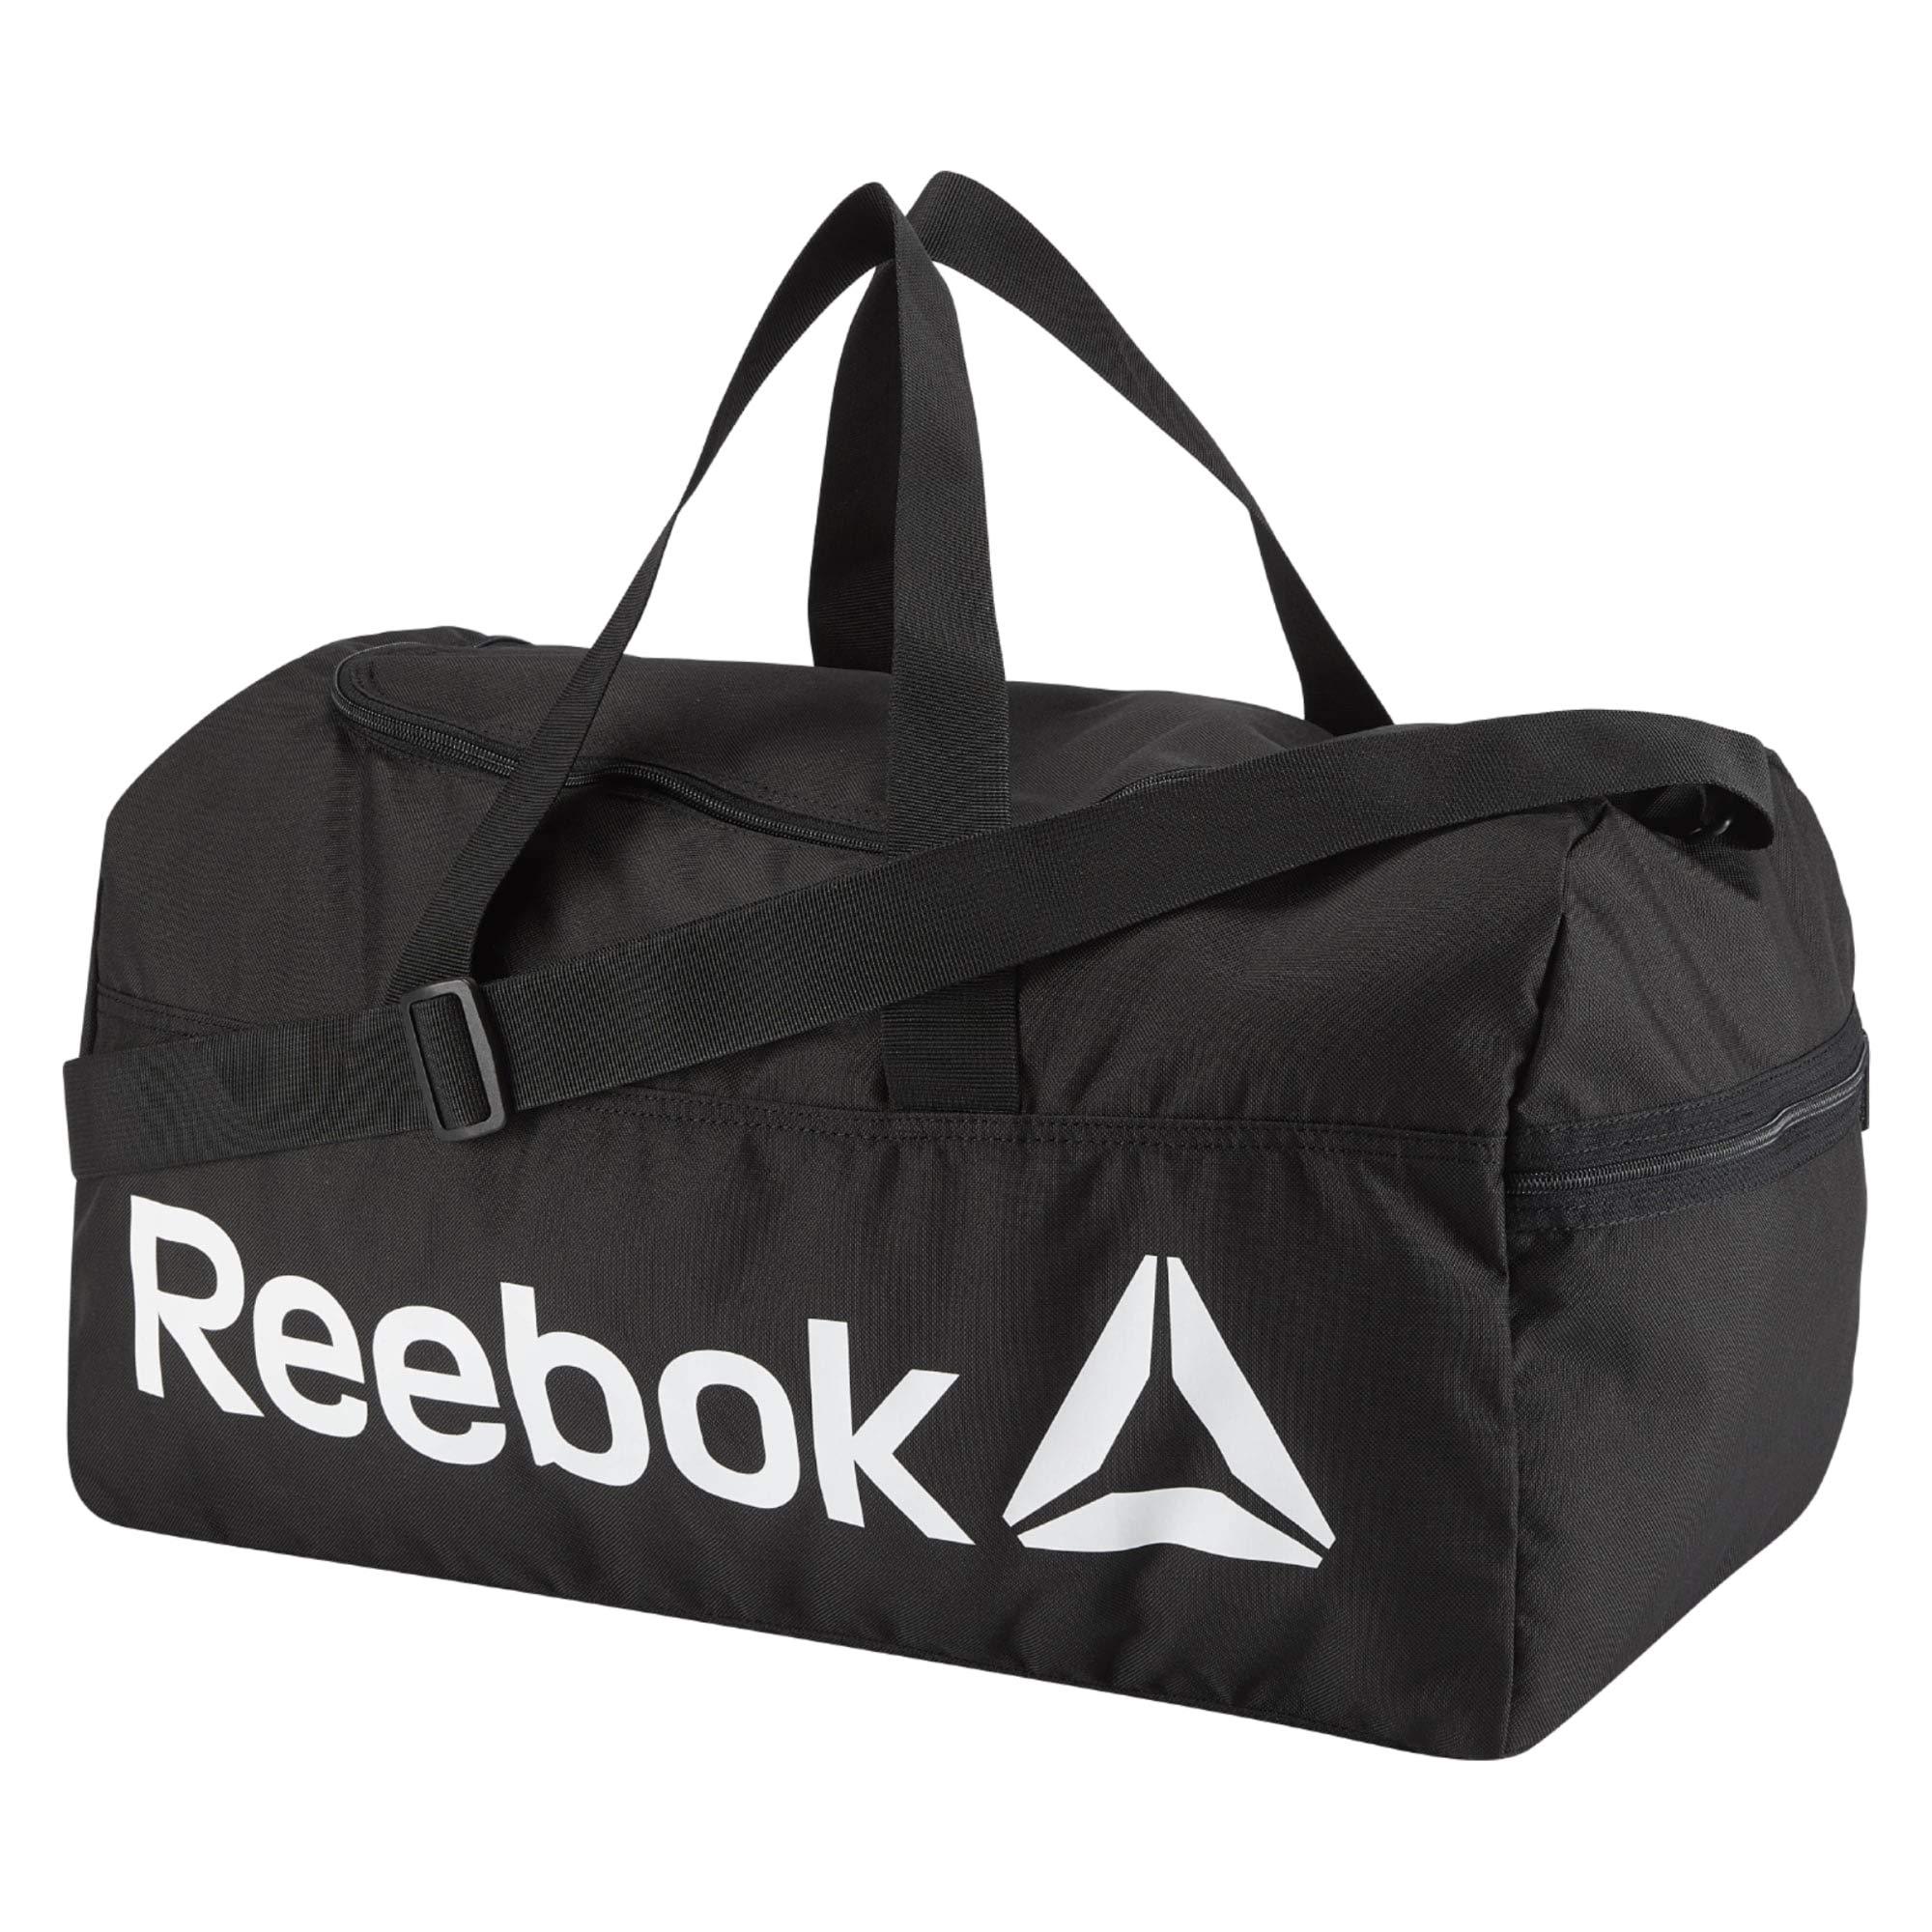 Reebok Act Core M Grip Sporttasche, 25 cm, 30 liters, Schwarz (Negro)